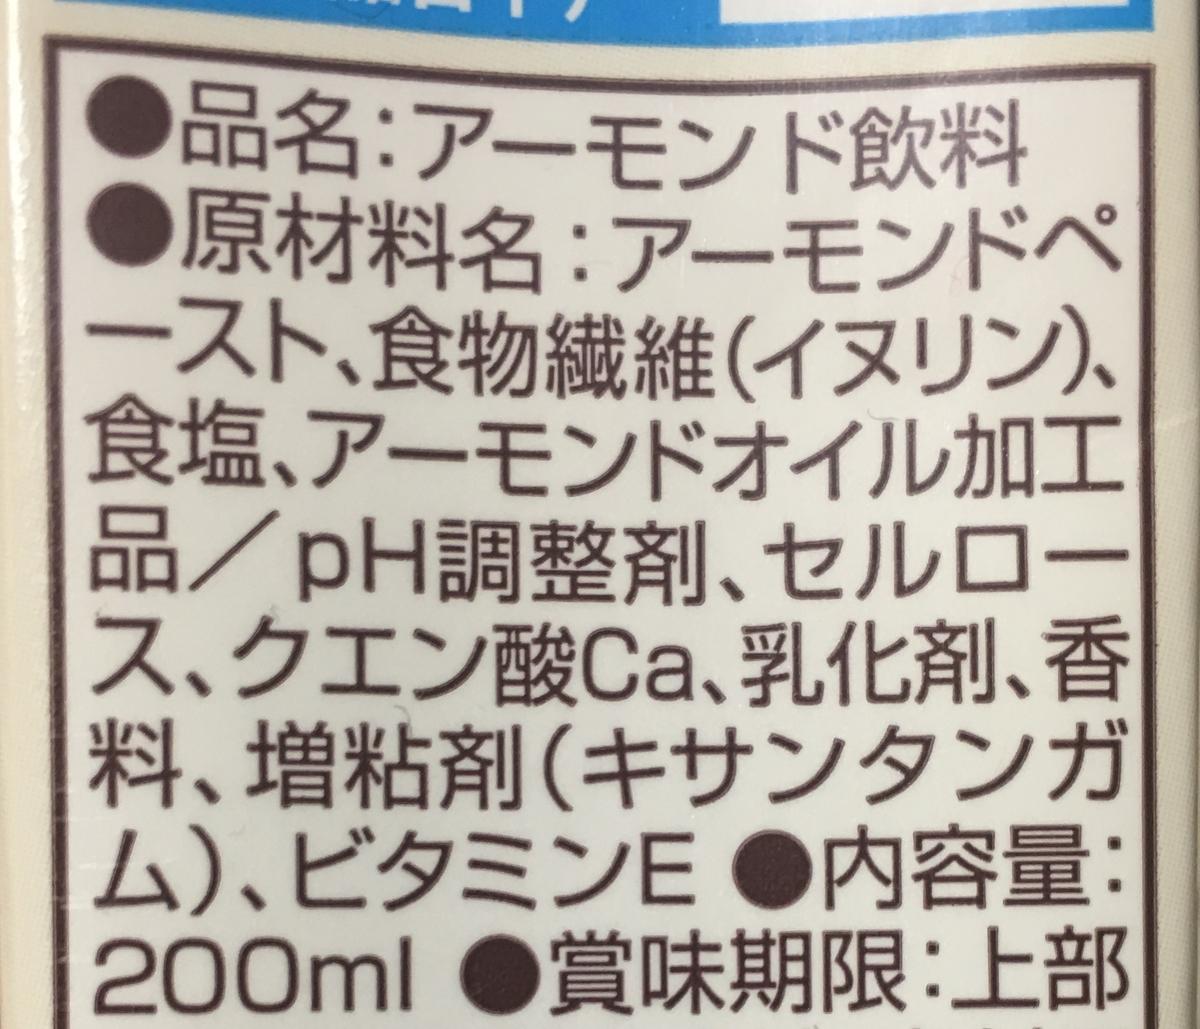 f:id:YOSHIO1010:20190704011549j:plain